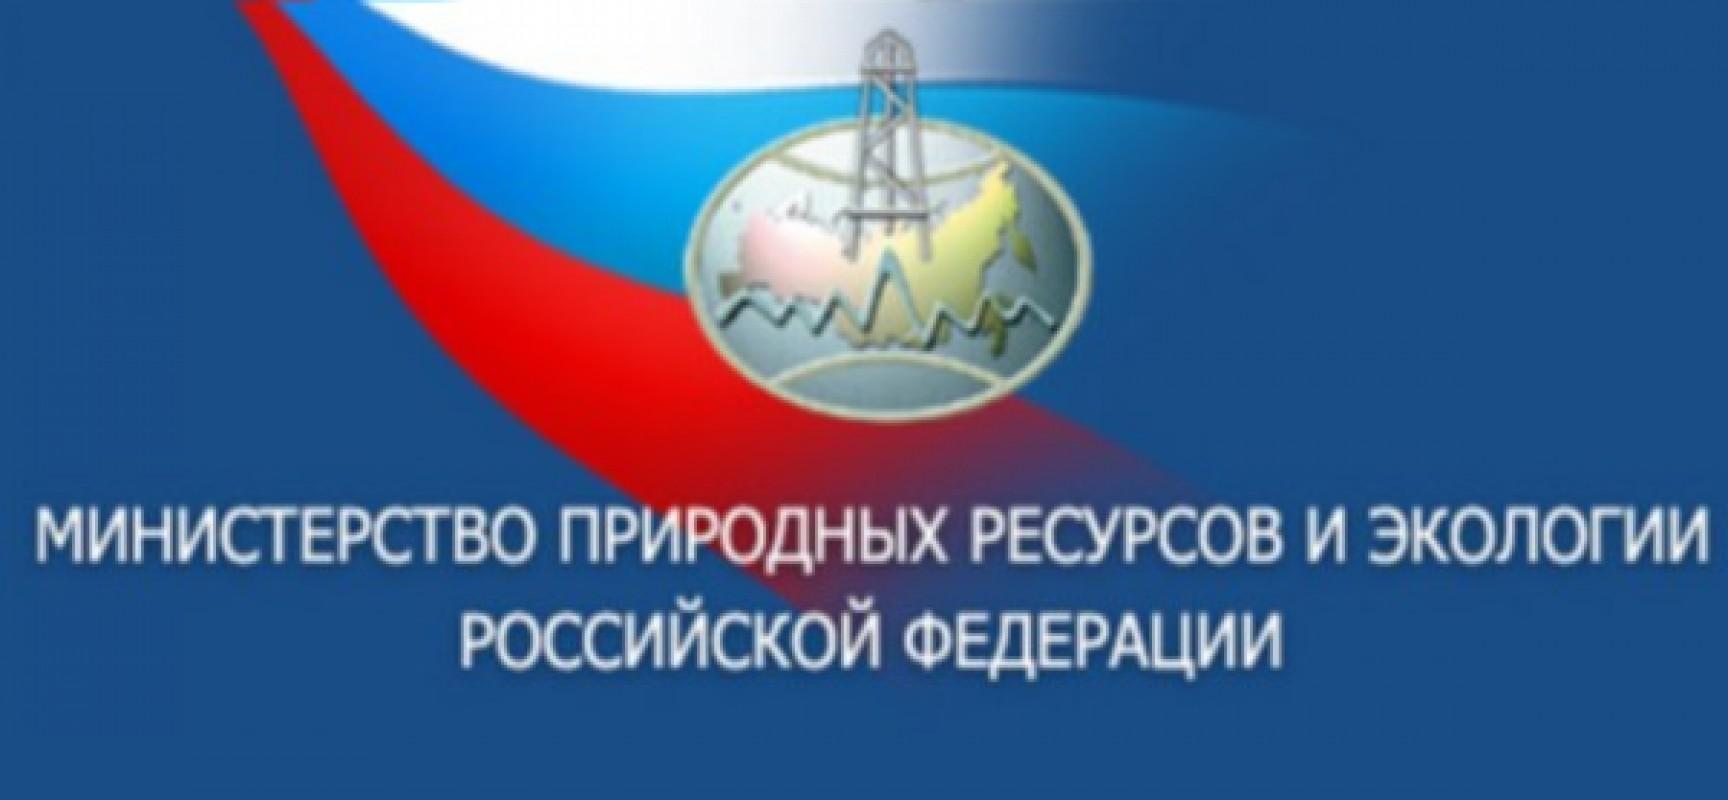 О создании экспертной группы экологического сопровождения проекта «Транспортный переход через Керченский пролив»